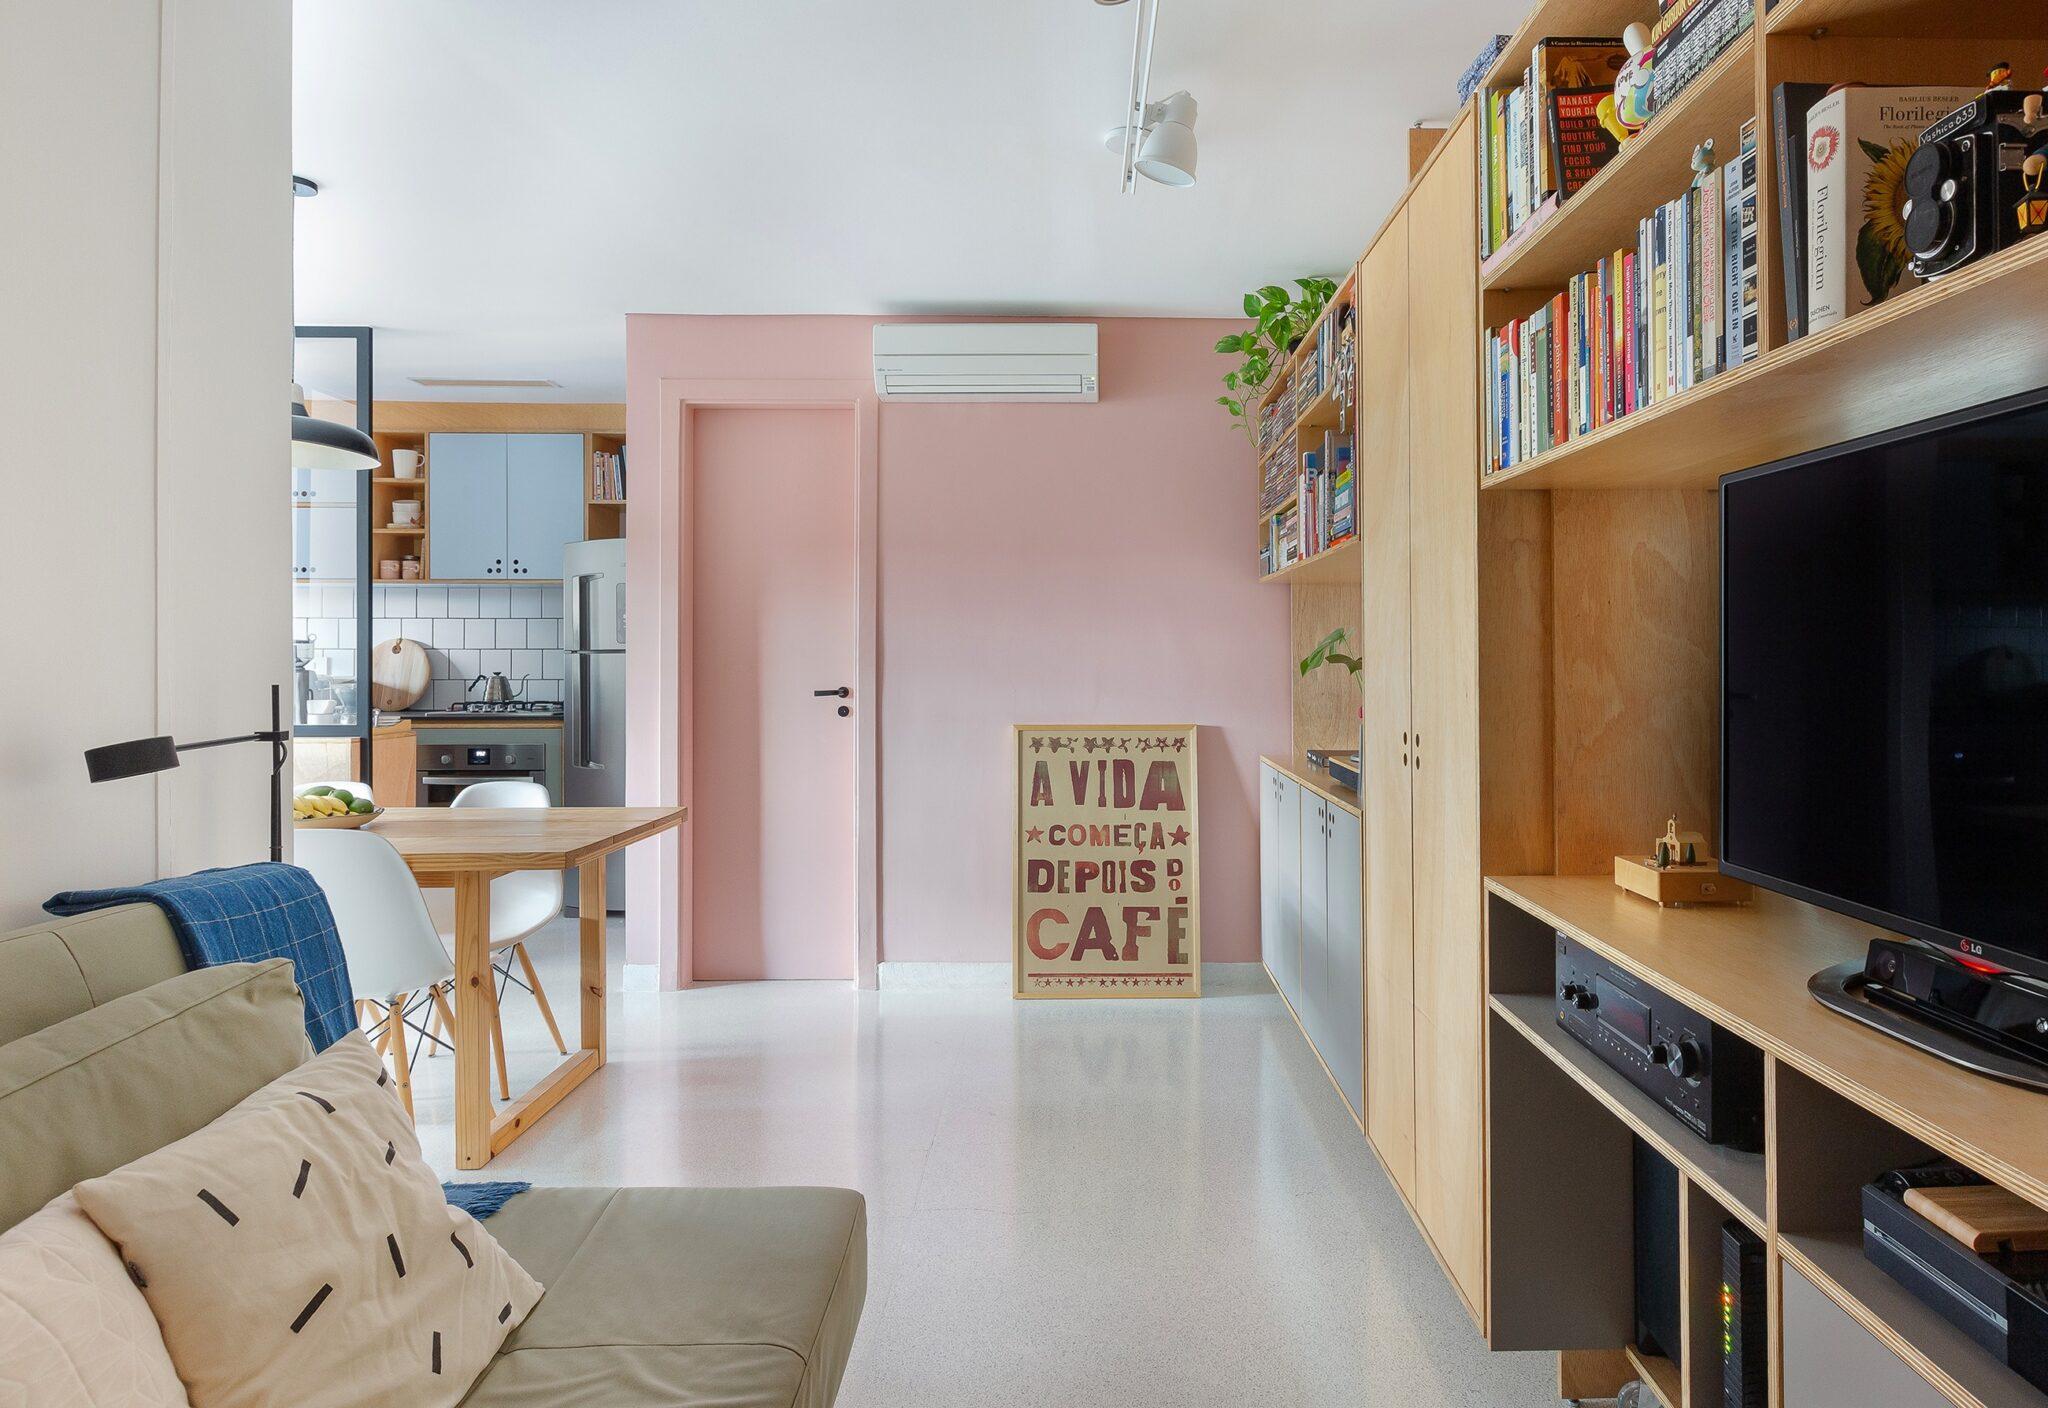 Apartamento pequeno com tons claros e parede rosa, ambientes integrados